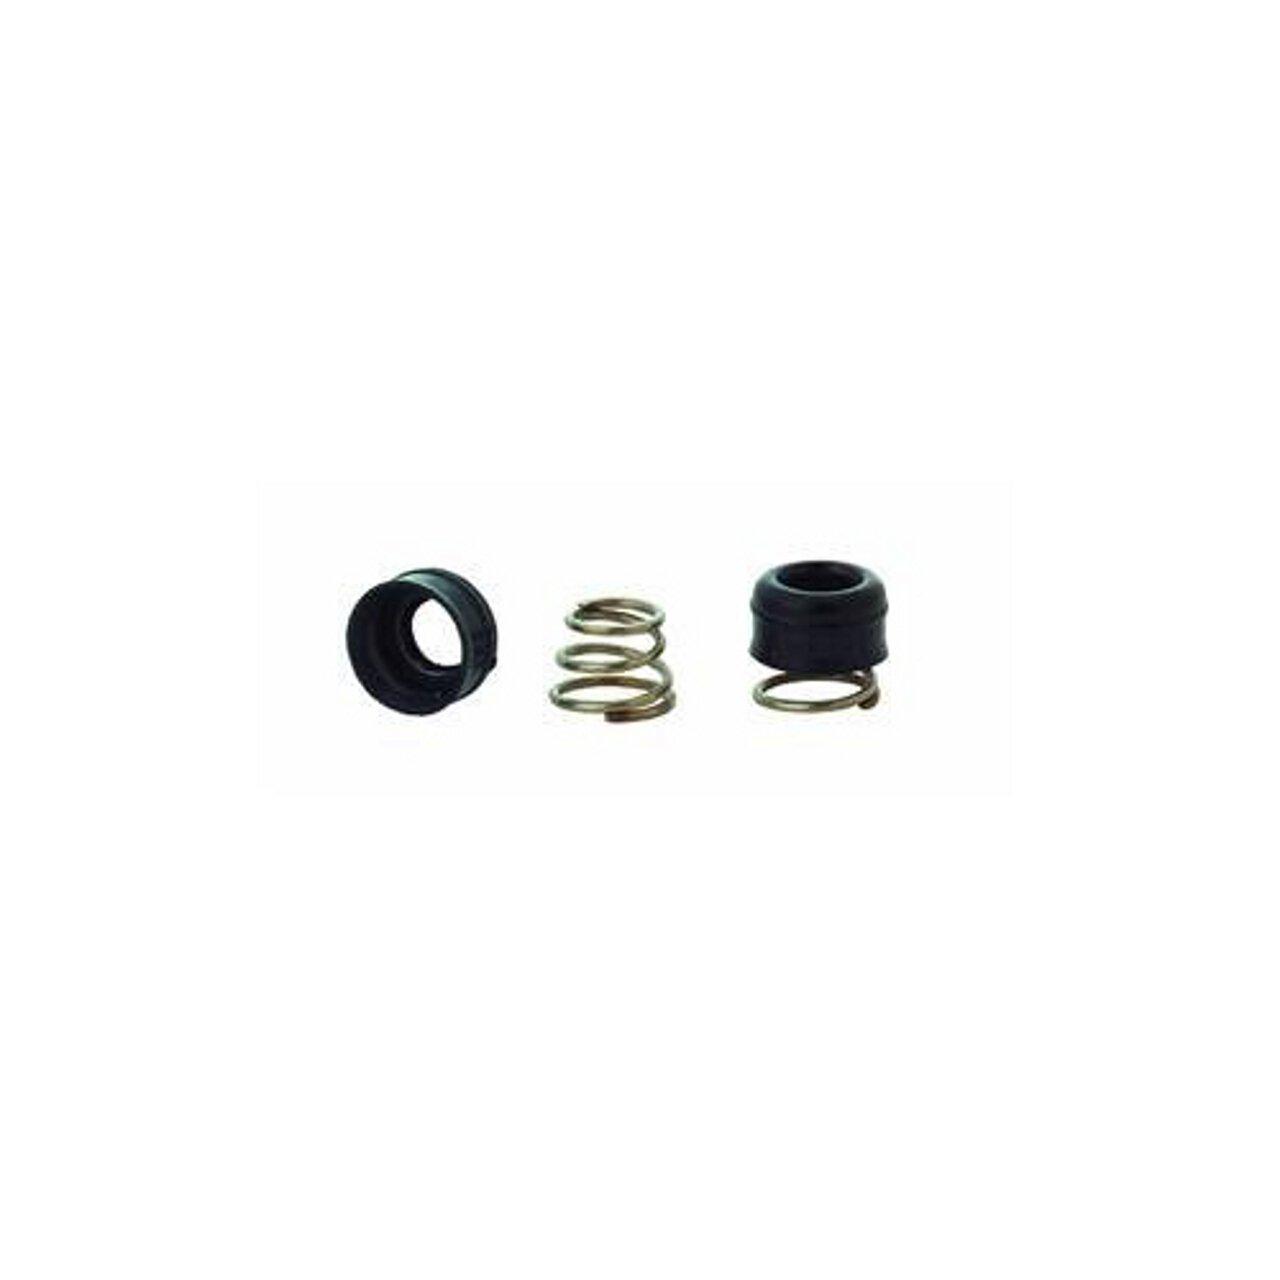 Danco 80684 Faucet Repair Kit Pack of 1 Black